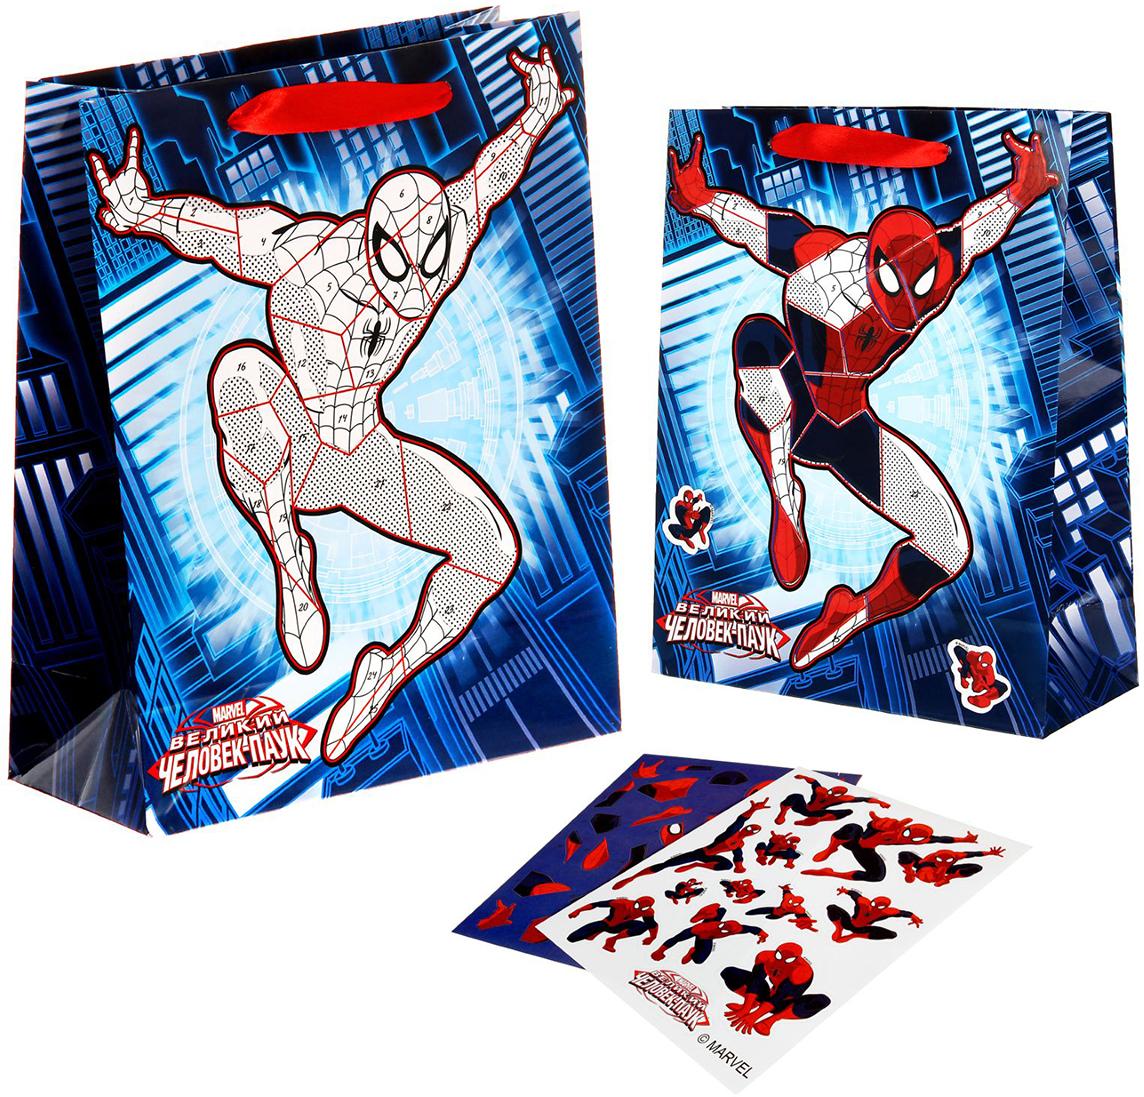 Пакет подарочный Marvel Великий Человек-Паук, с наклейками, цвет: мультиколор, 18 х 10 х 23 см. 11257871125787Подарки не обязательно делать только по важным поводам. Дарите их спонтанно, без причины, просто для души, ведь главное в этом процессе - удовольствие! А сколько радости получит ребенок, когда увидит этот пакет с любимыми героями! Положите в него конфеты или игрушки, и ваш подарок не затеряется среди других. Прочная ламинированная бумага с атласными ручками и уникальный дизайн делают его идеальным. К изделию прилагаются 2 листа А5 с цветными наклейками. Украсьте ими пакет или сюрприз внутри него, а можете создать открытку или плакат. Дарите незабываемые минуты радости детям с уникальными товарами.